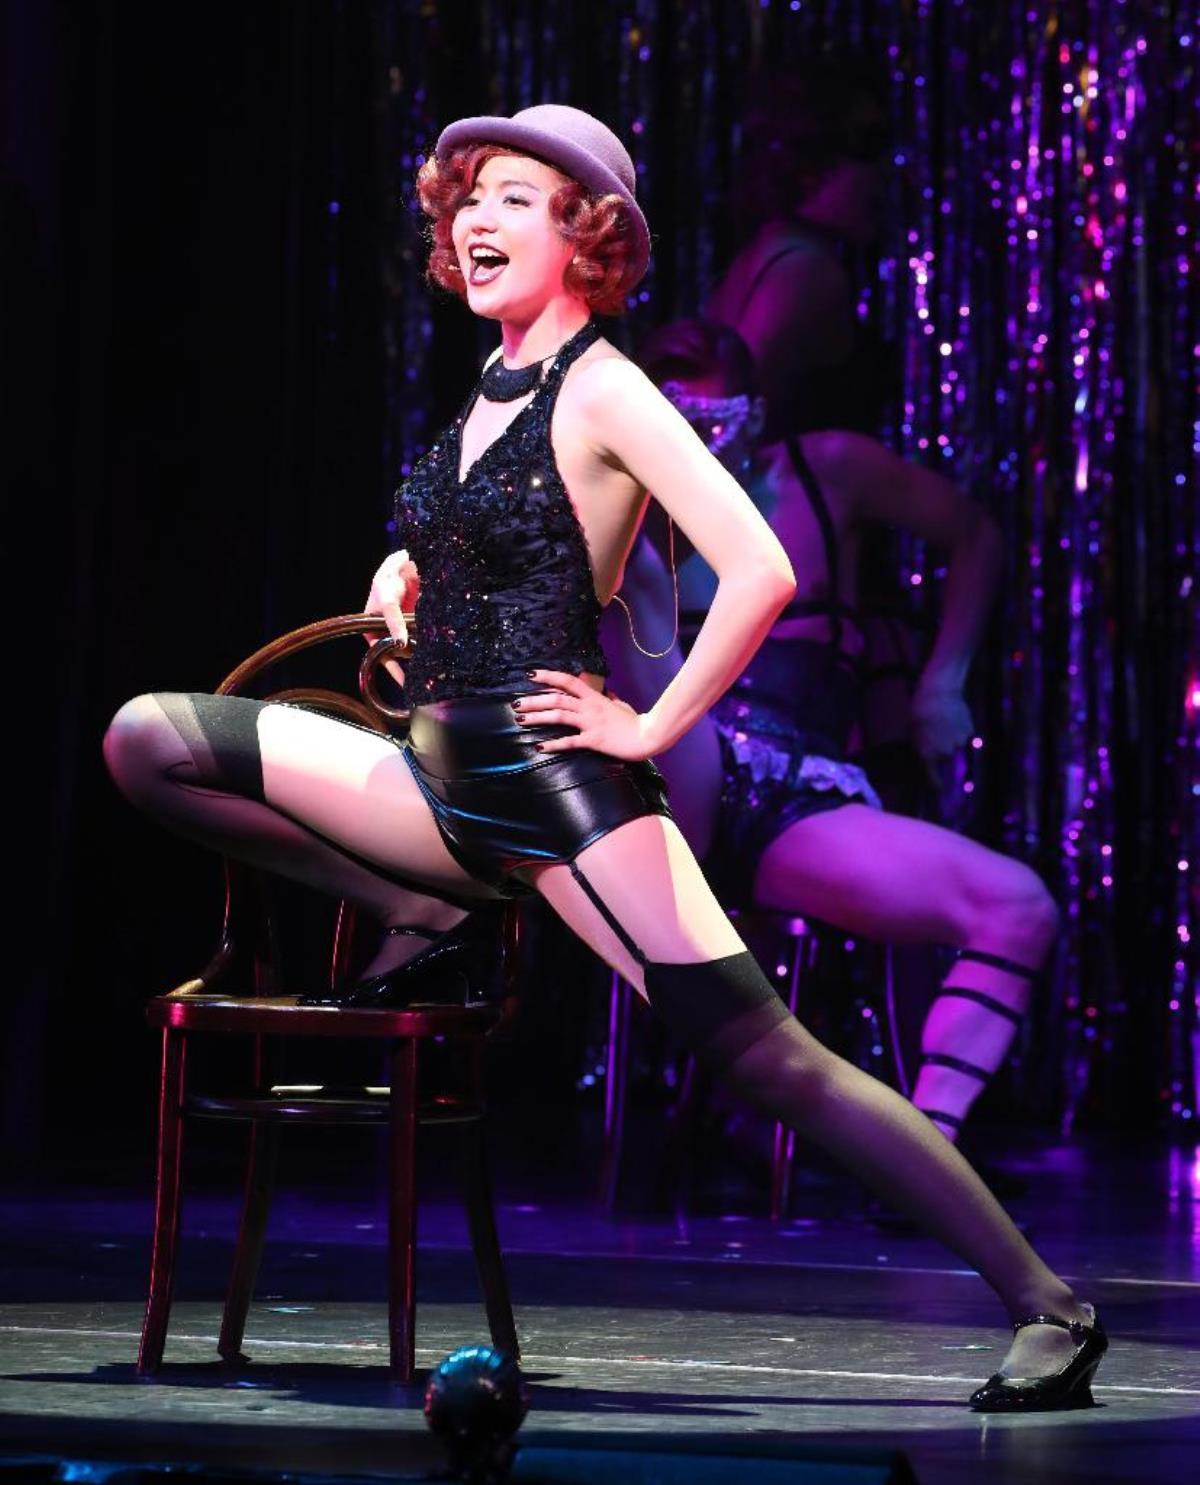 ミュージカル「キャバレー」で大胆衣装を着て開脚している長澤まさみ